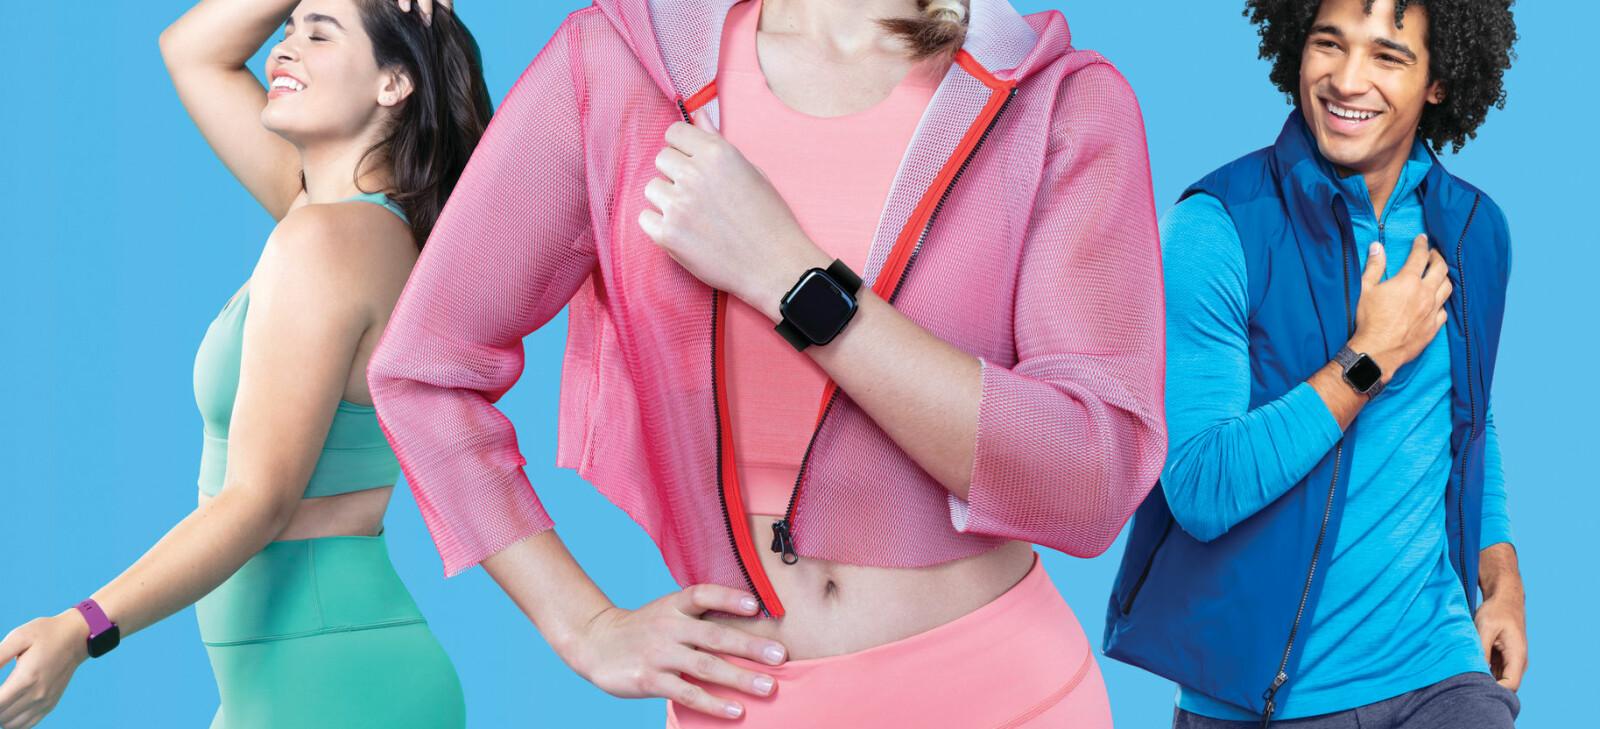 <b><SPAN CLASS=BOLD><STRONG>MOTE:</b></strong></span>Friske og nye farger og en litt lavere pris, skal friste nye kunder til Fitbit Versa Lite. Vi anbefaler at du heller velger fullversjonen Fitbit Versa og ikke den nye Lite-utgaven.